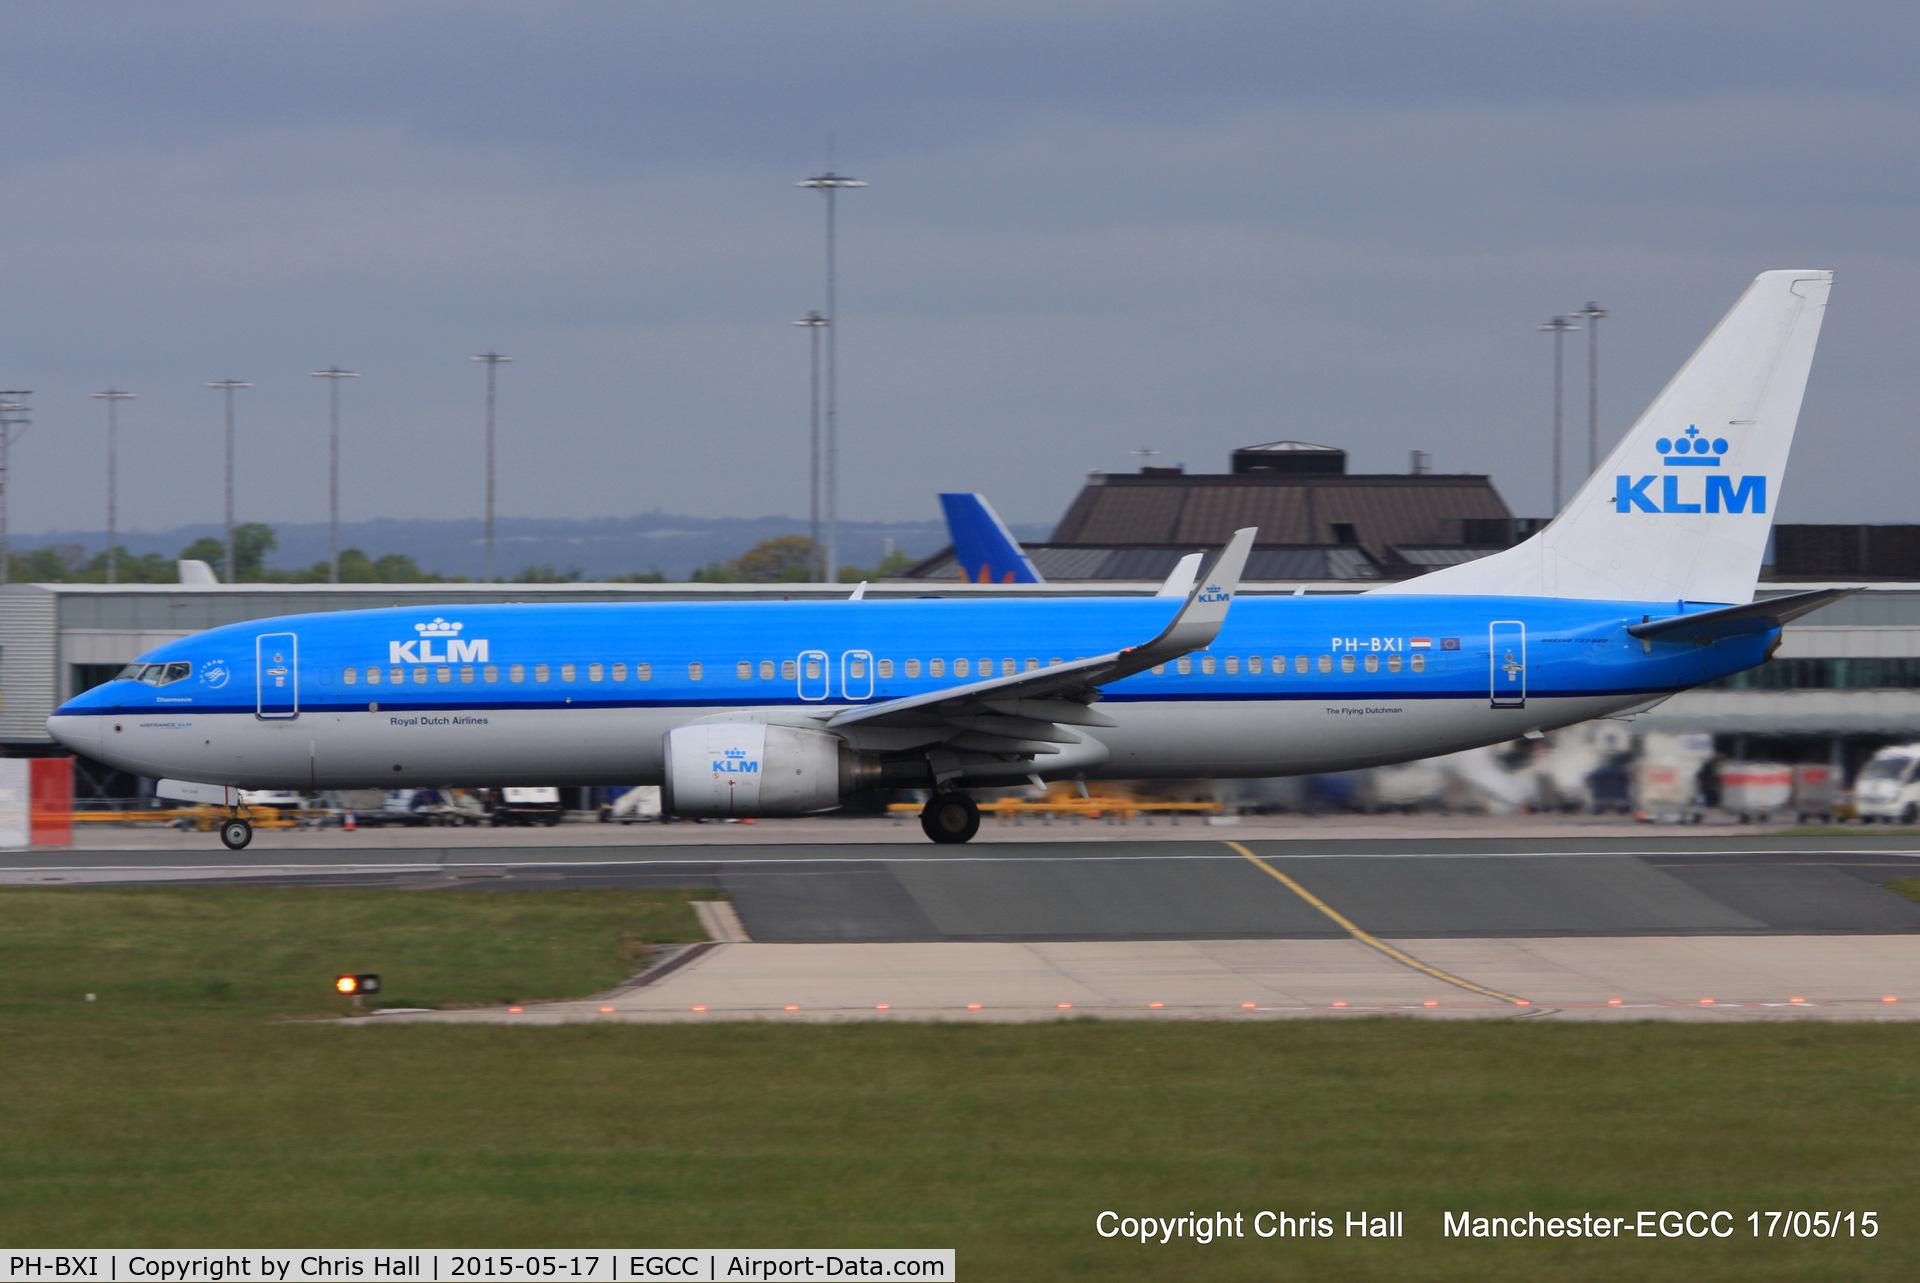 PH-BXI, 2000 Boeing 737-8K2 C/N 30358, KLM Royal Dutch Airlines